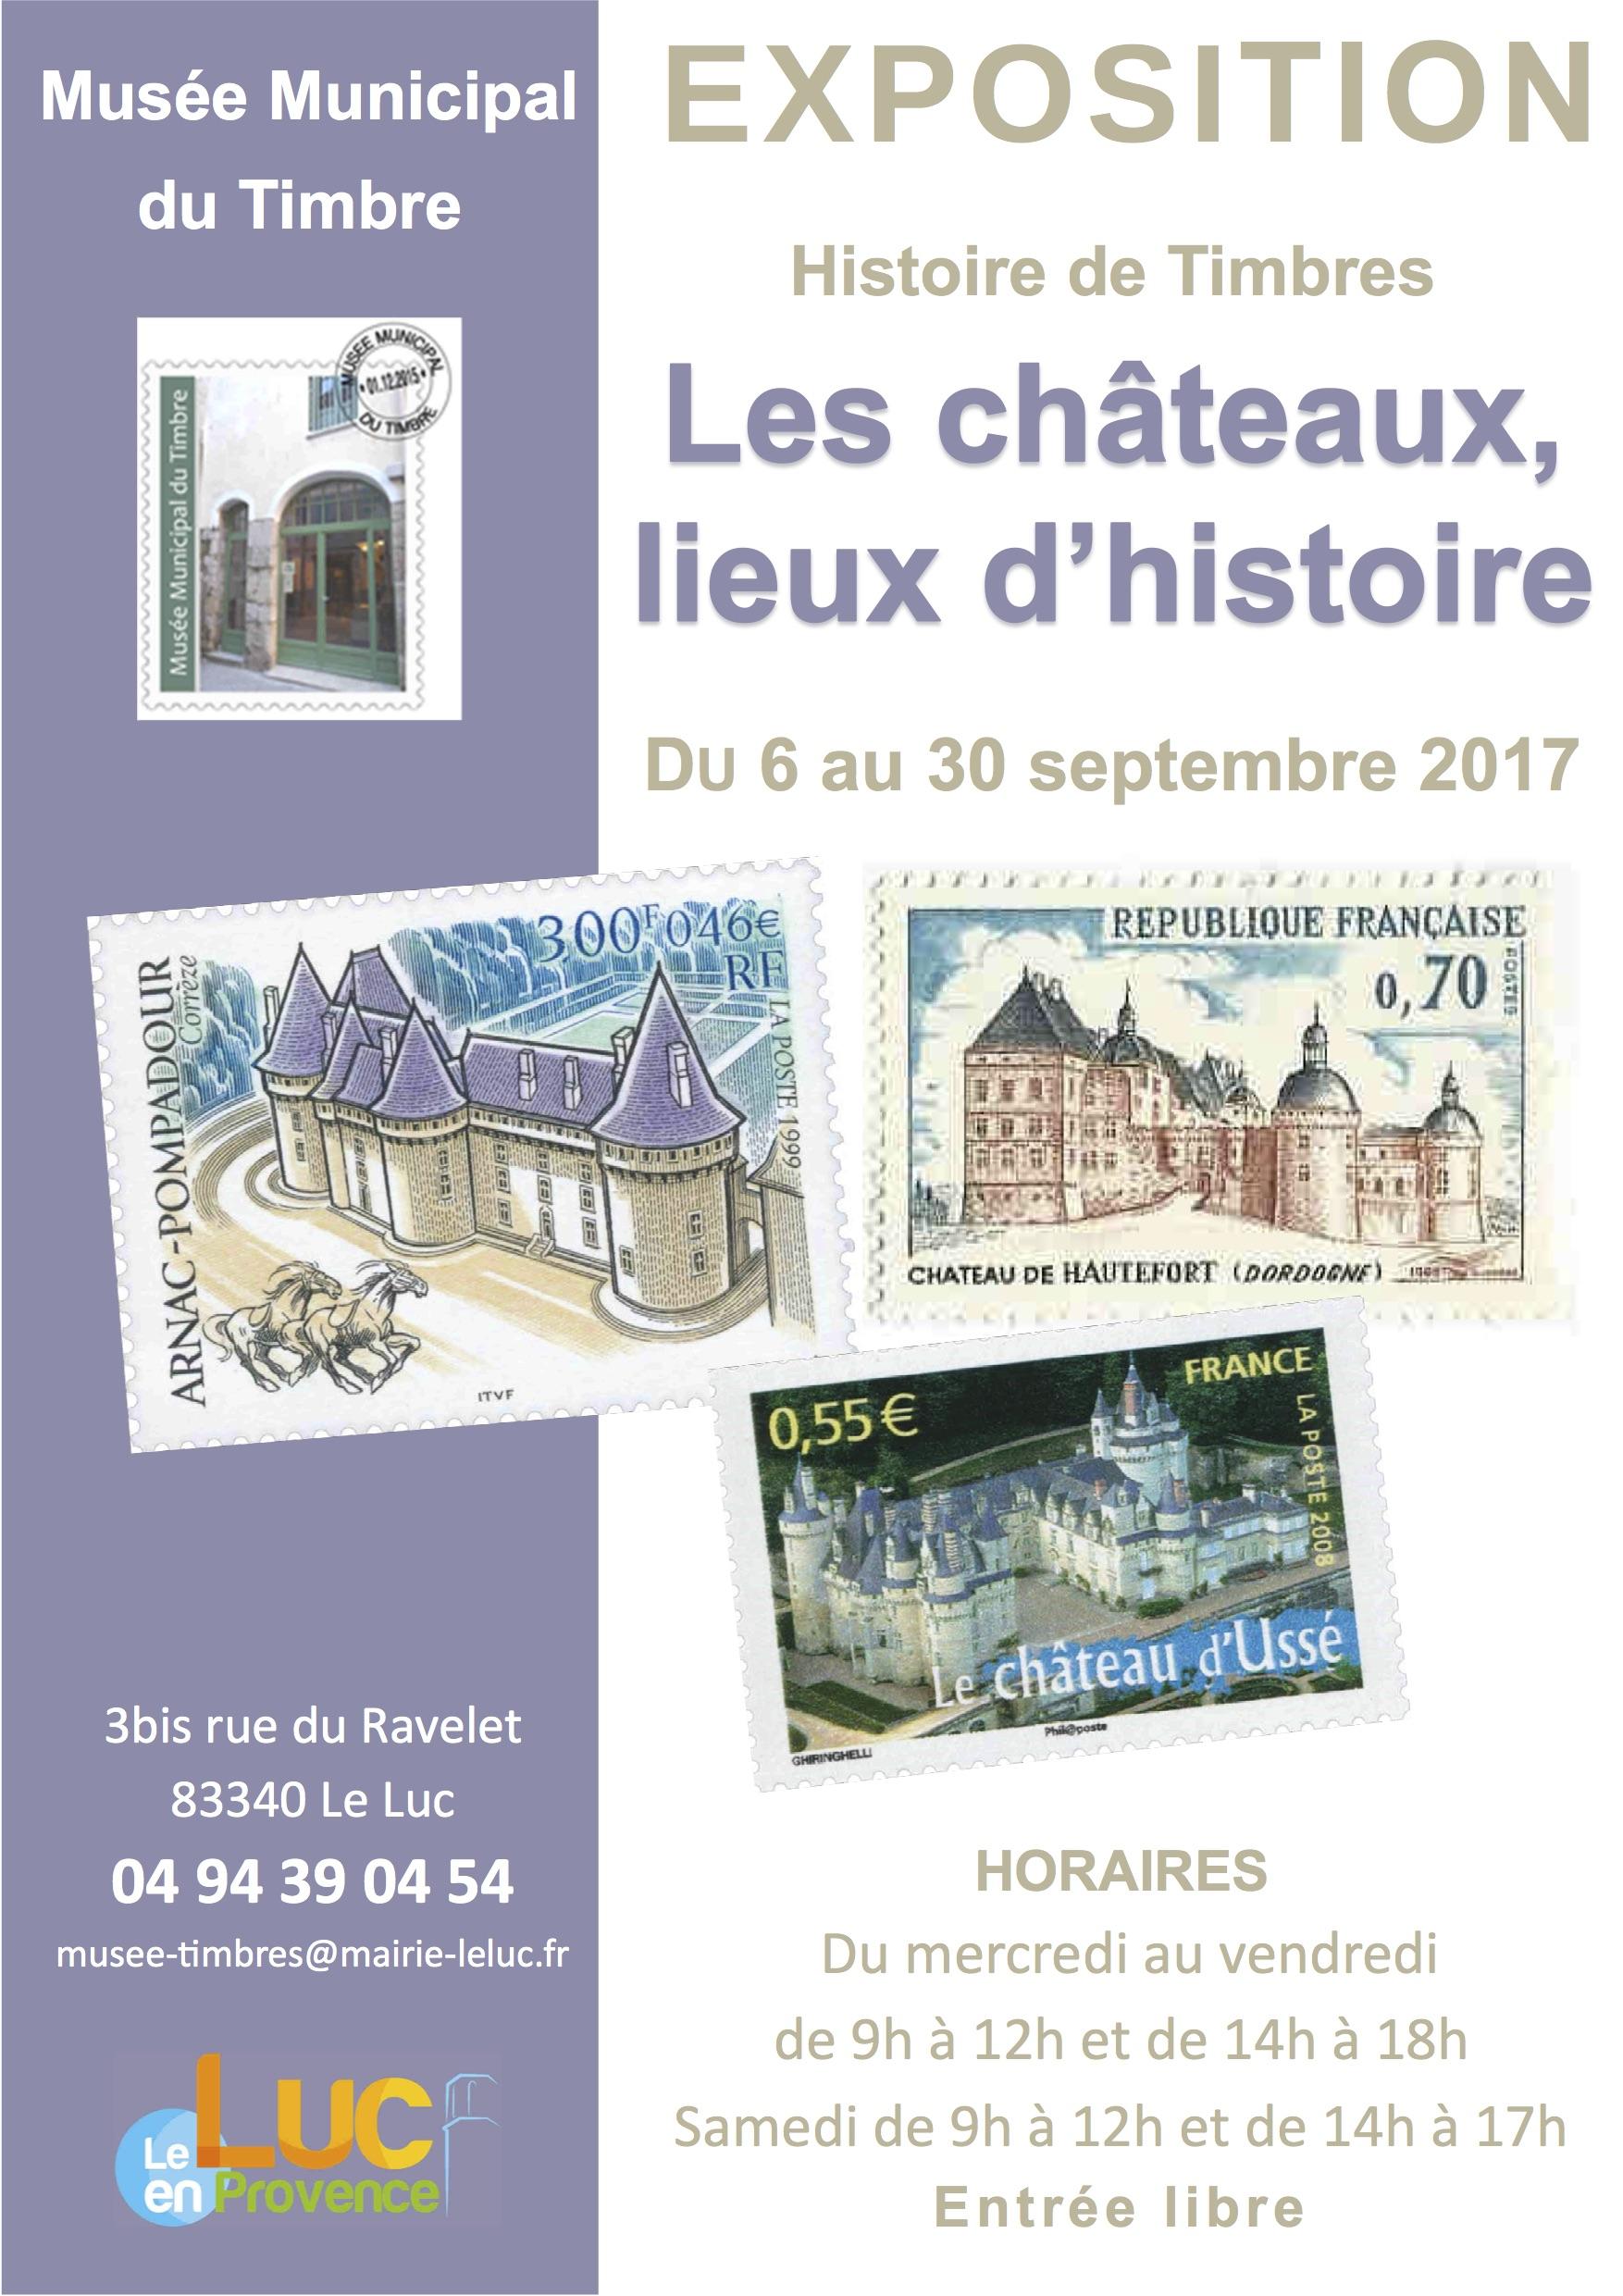 Du 6 au 30 septembre, Exposition «Histoire de Timbres : Les châteaux, lieux d'histoire»